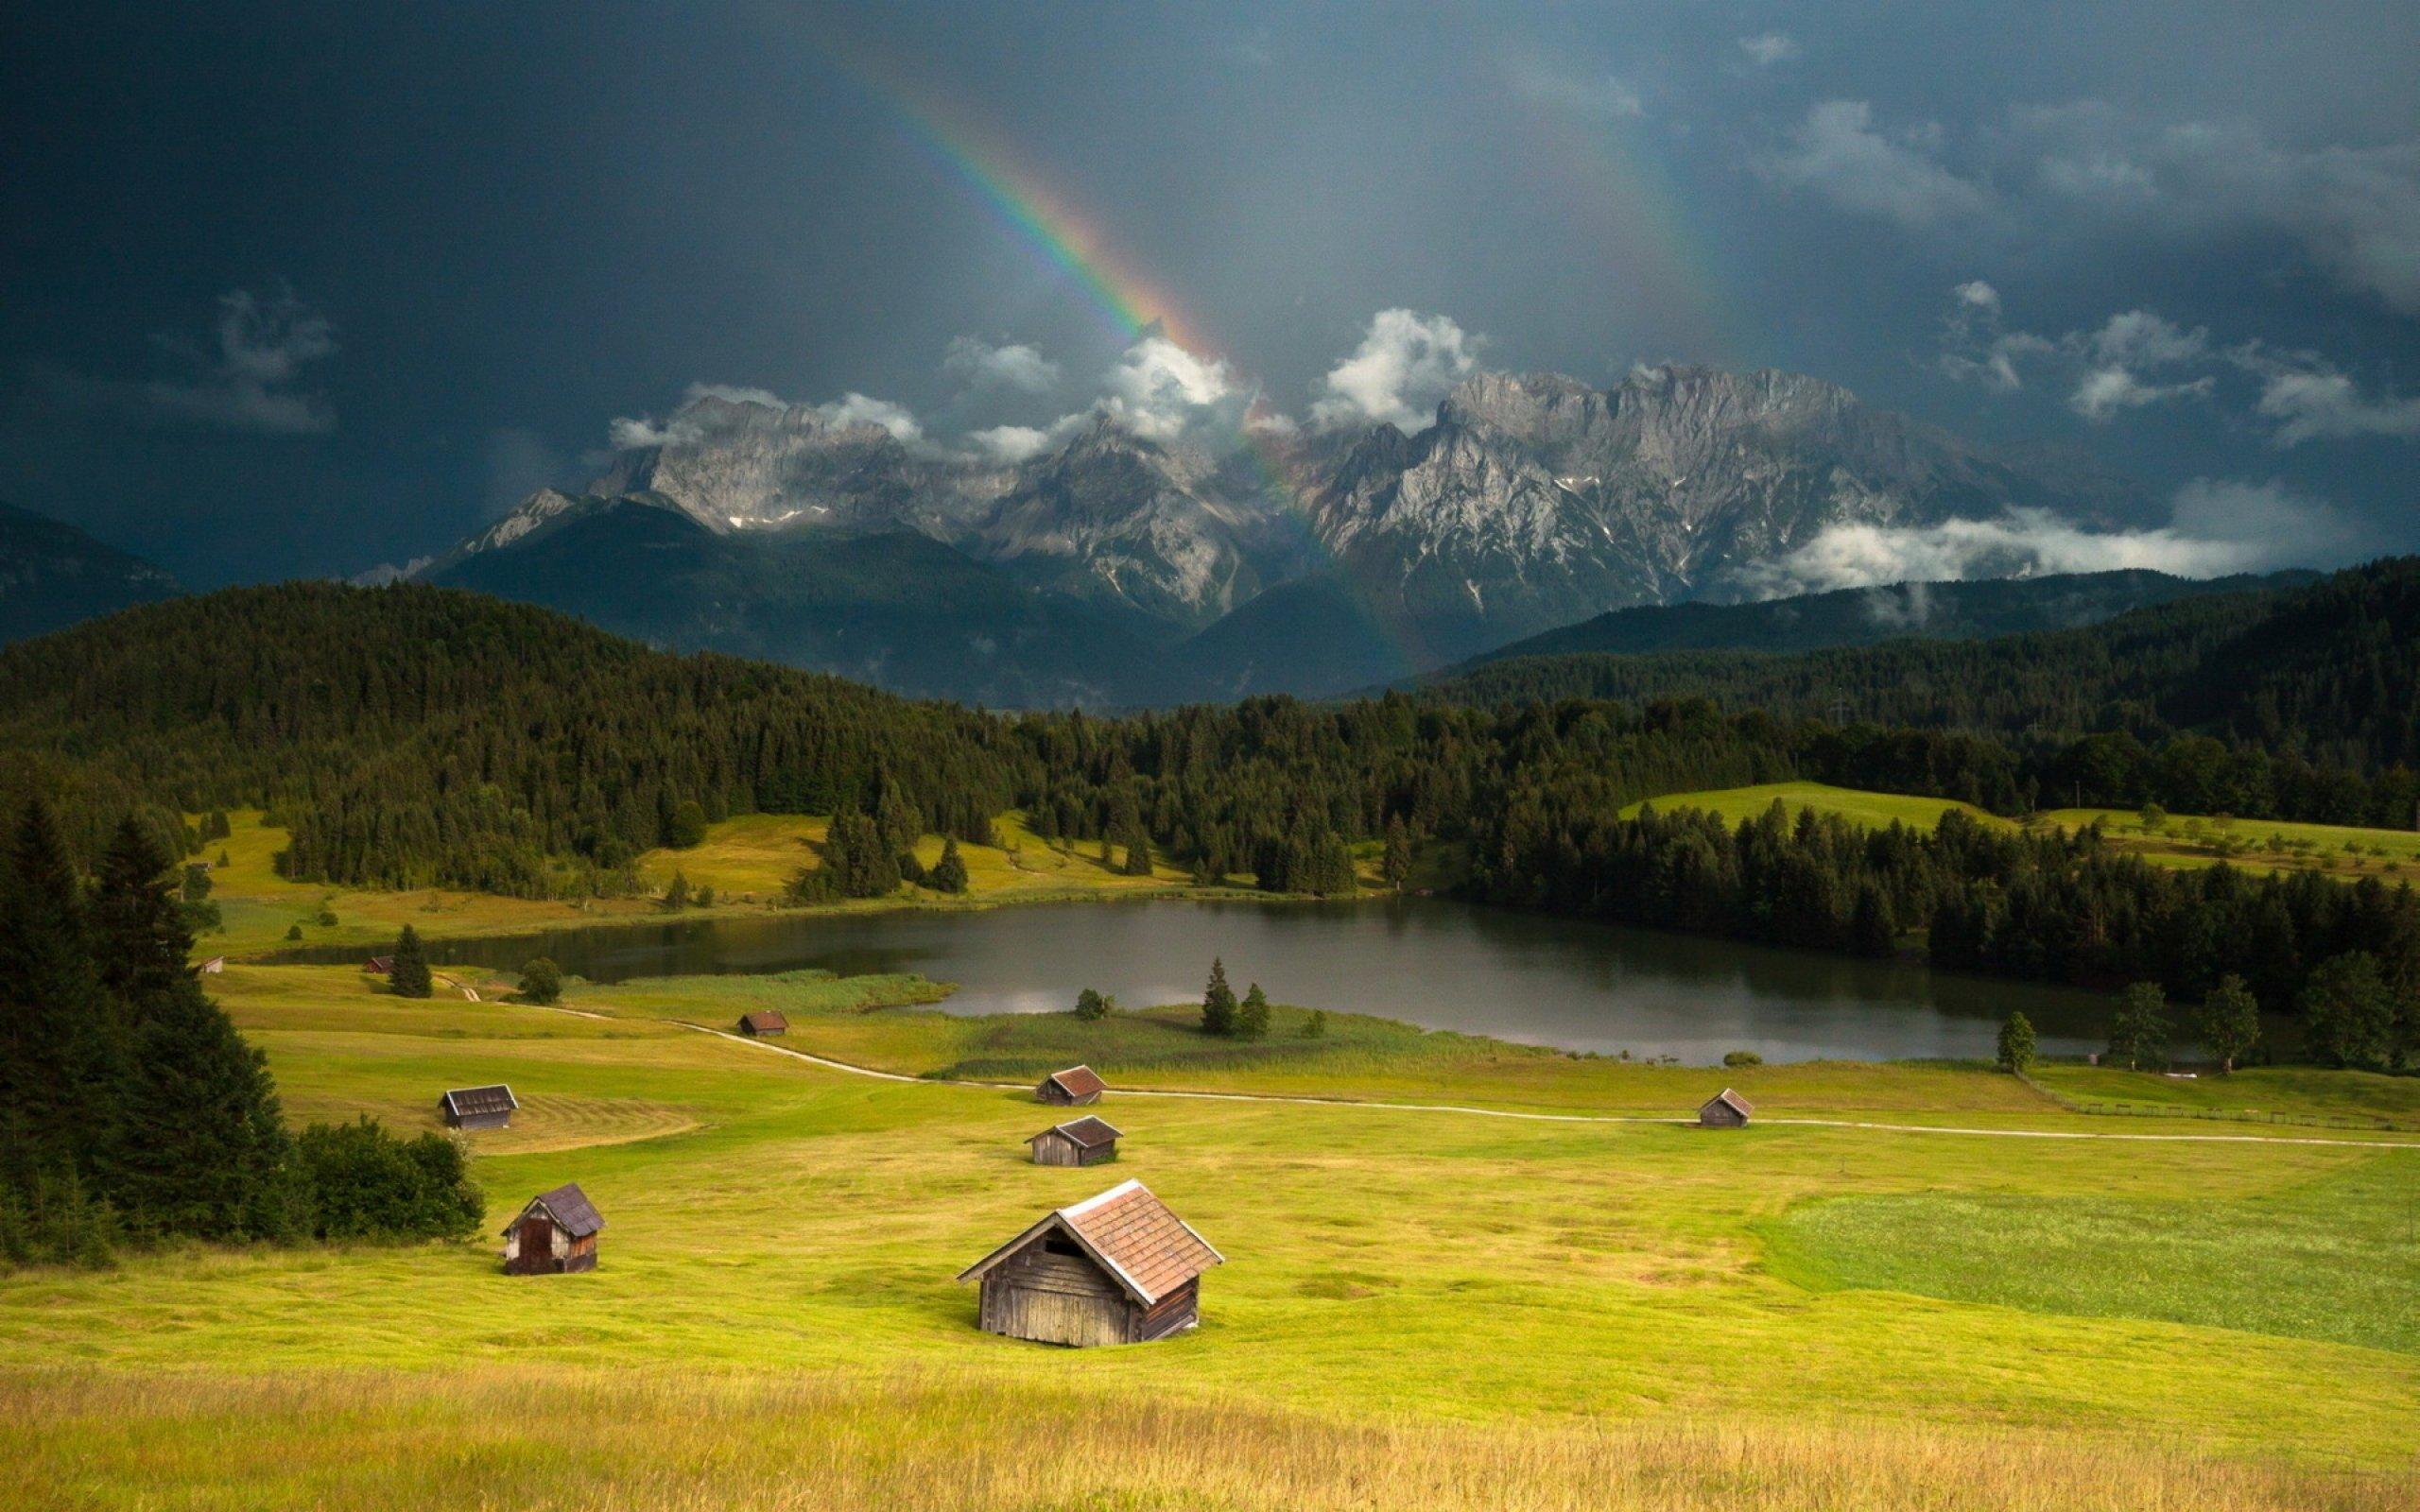 Simple Wallpaper Mountain Rain - 6345f210a1da83b50b7e083989db9a42  Image_403310.jpg